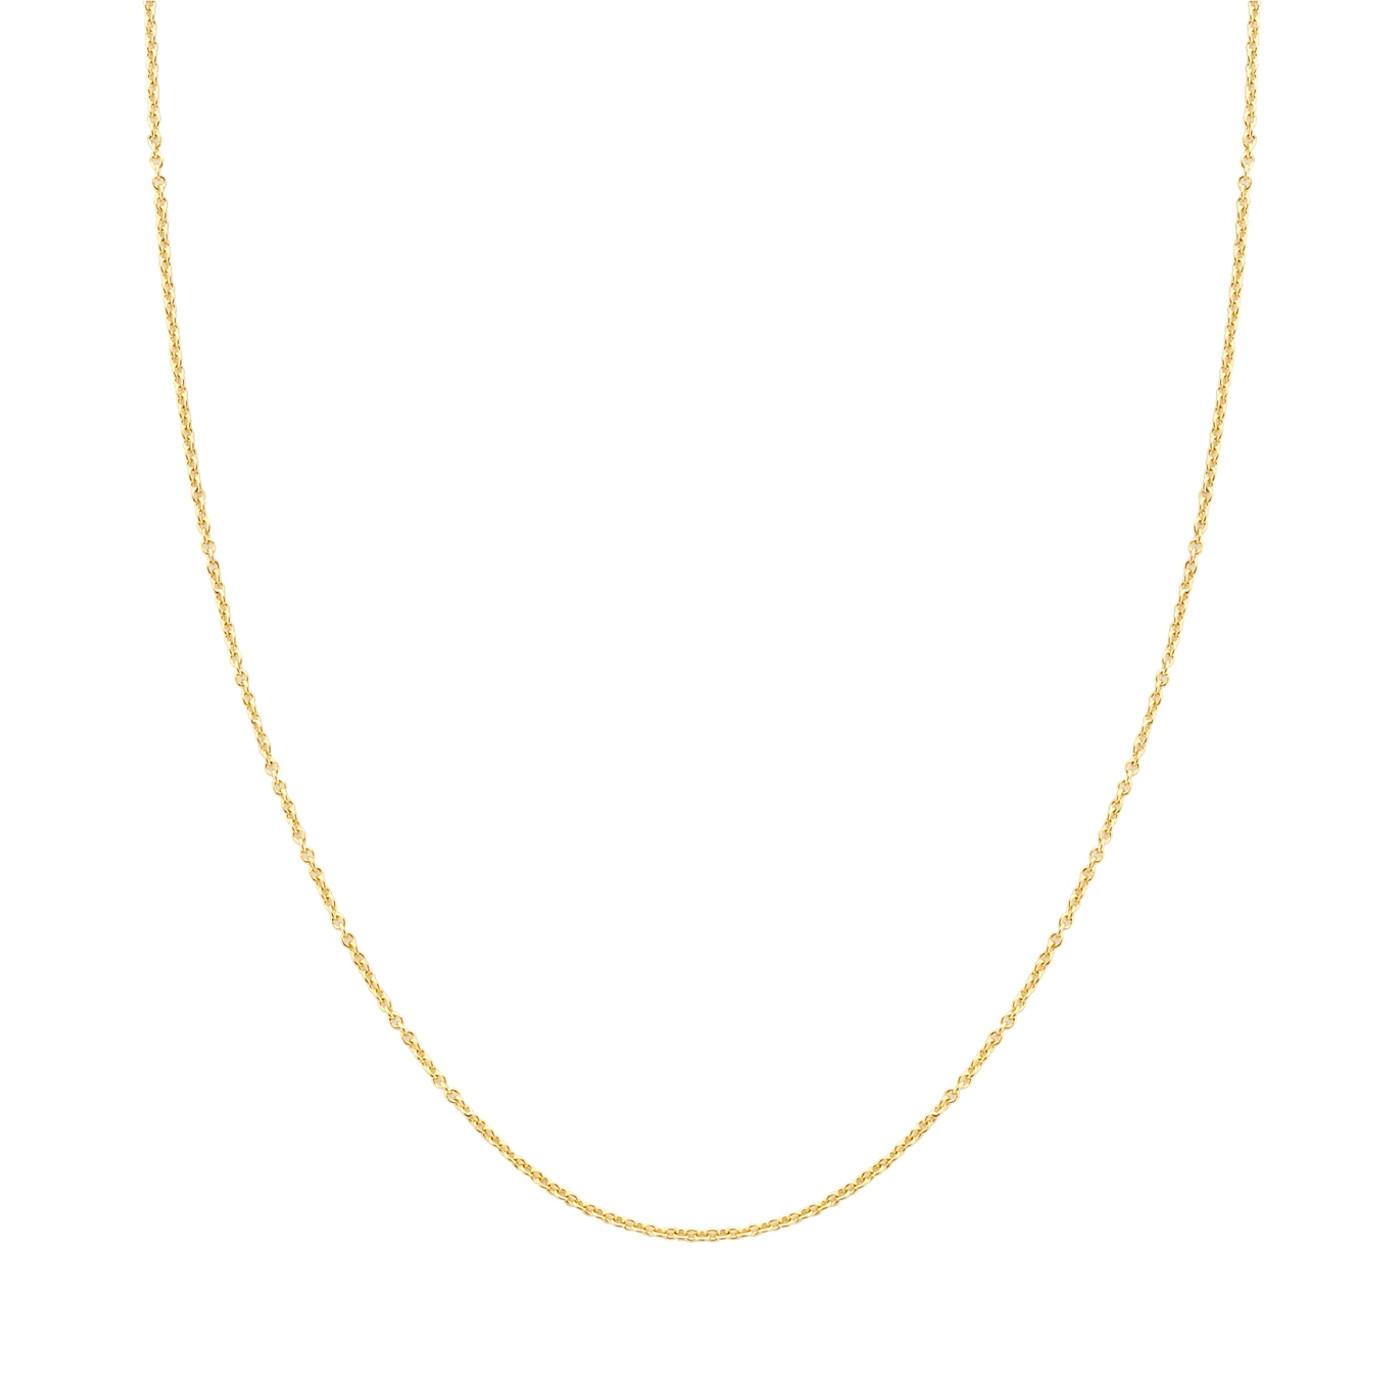 Blush 14 Karaat Gouden Ketting 3046YGO/42 (Lengte: 42.00-45.00 cm)